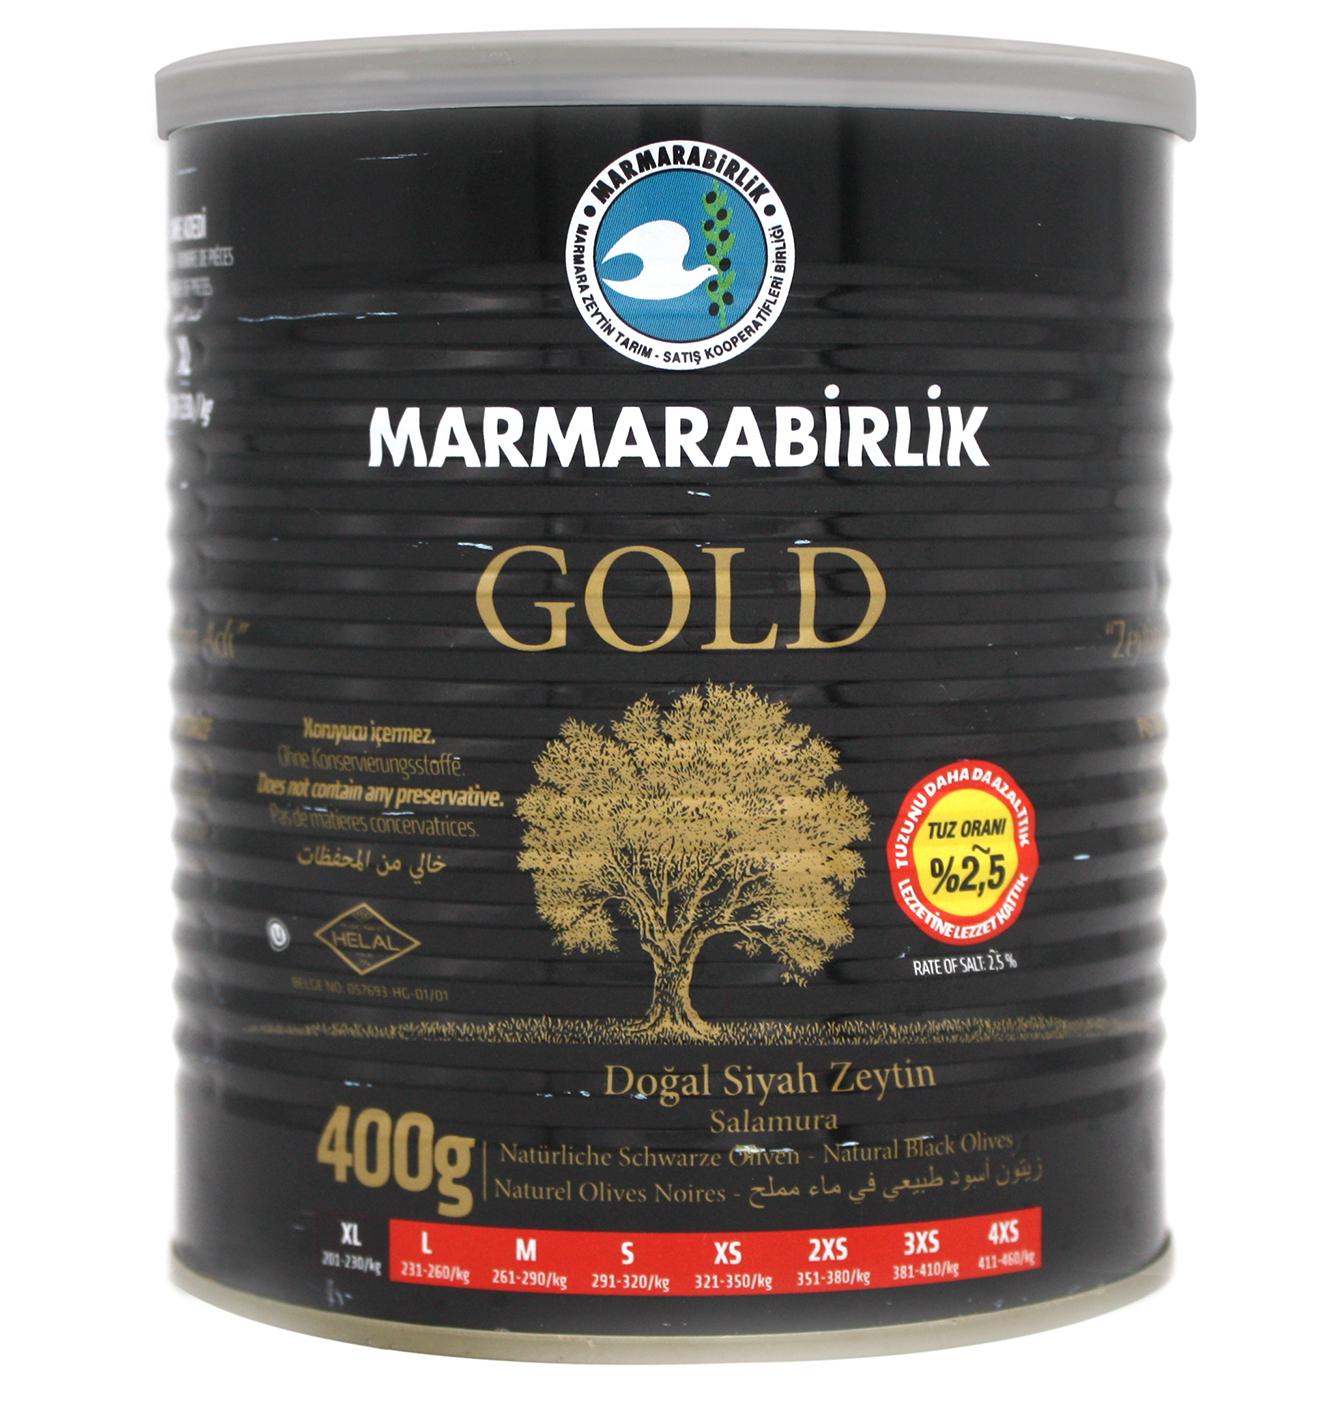 Оливки Маслины GOLD XL, Marmarabirlik, 400 г import_files_b1_b1a8897a765d11e9a9ac484d7ecee297_b1a8897e765d11e9a9ac484d7ecee297.jpg